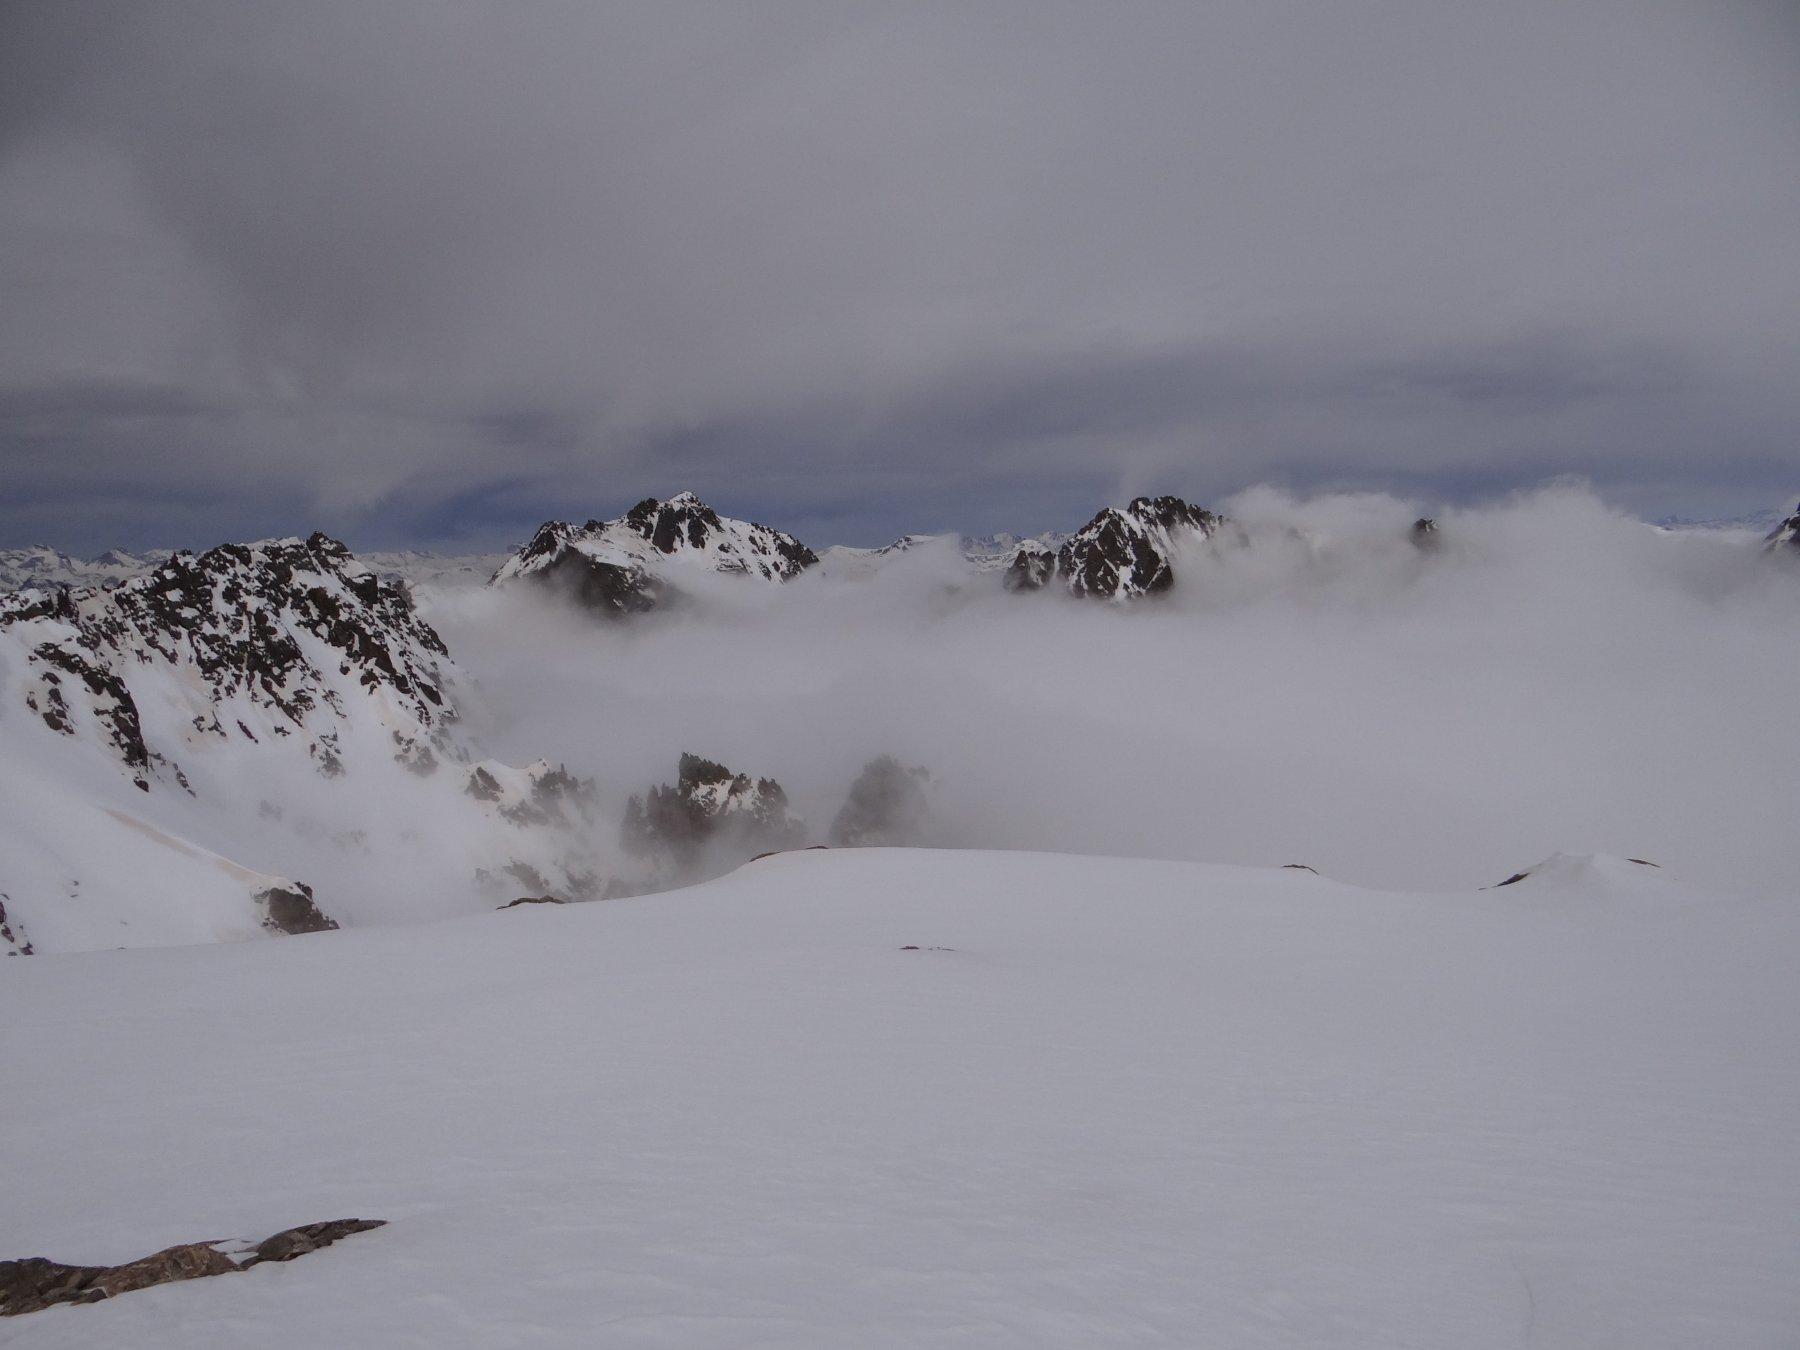 In uscita dal canale che porta direttamente alla Testa del Vallone si buca lo strato di nubi, uno sguardo verso le Cime di Vens e il Clai